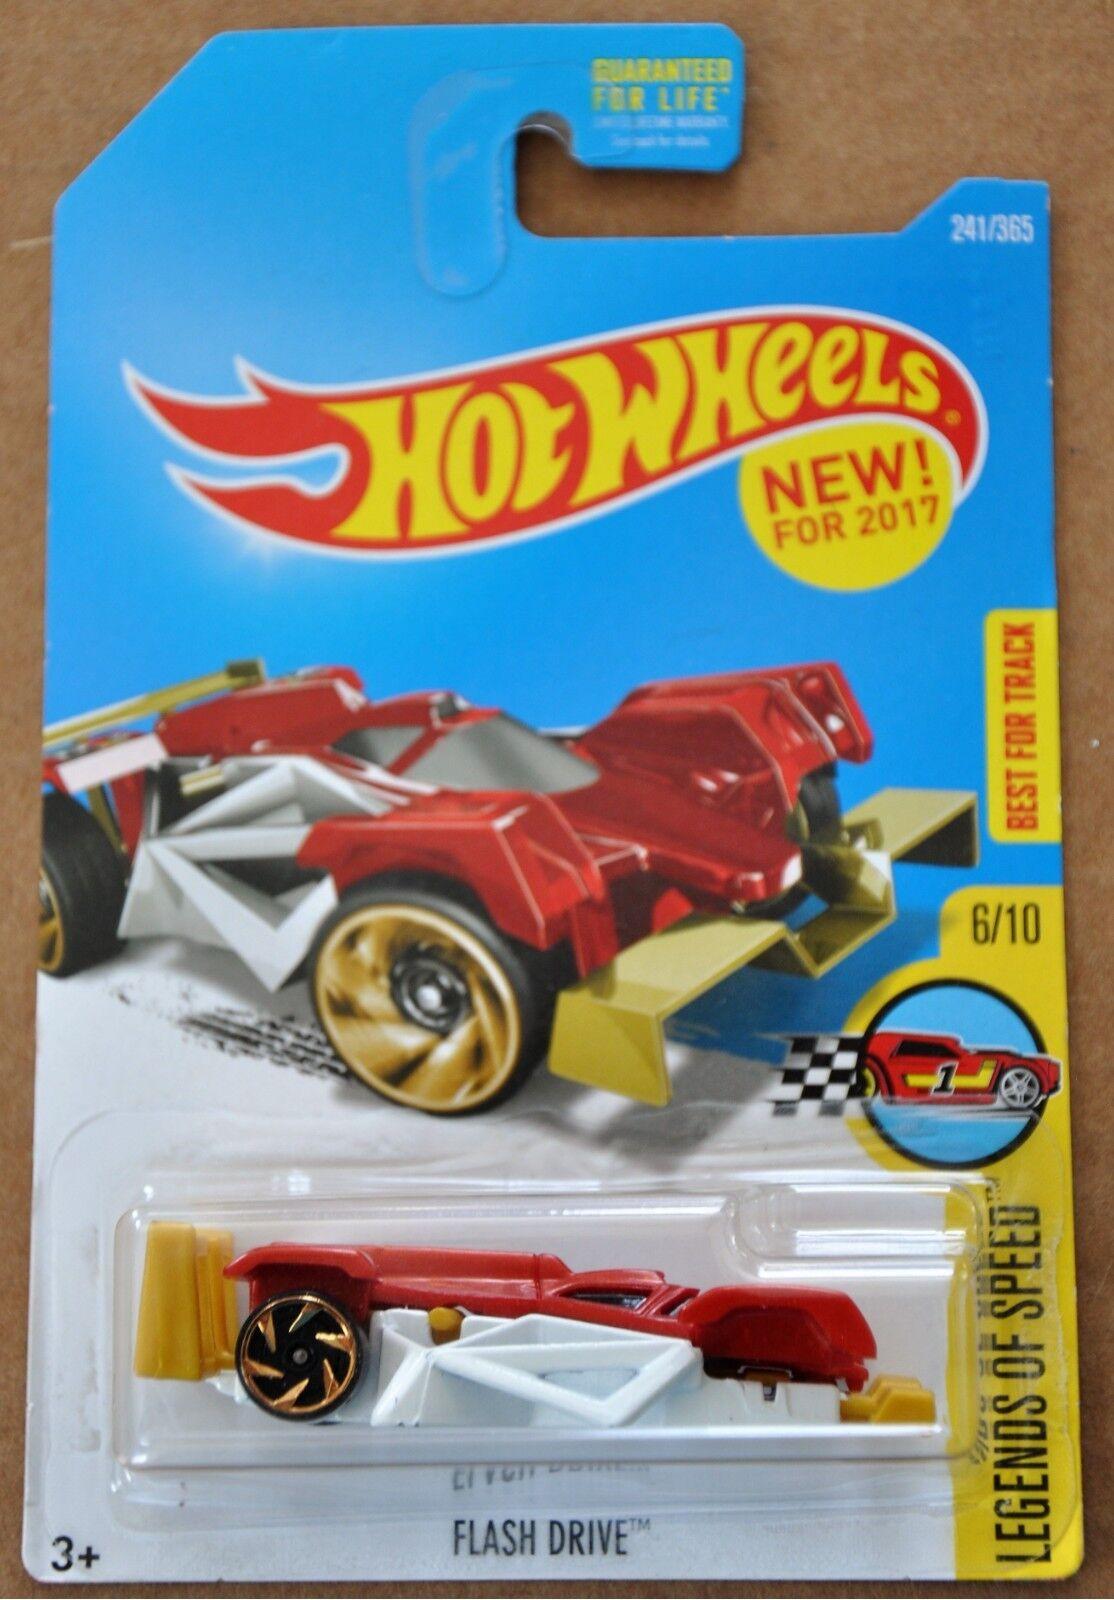 2017 hot wheels stick 241   365 legenden geschwindigkeit 6   10 fehler vermissten räder